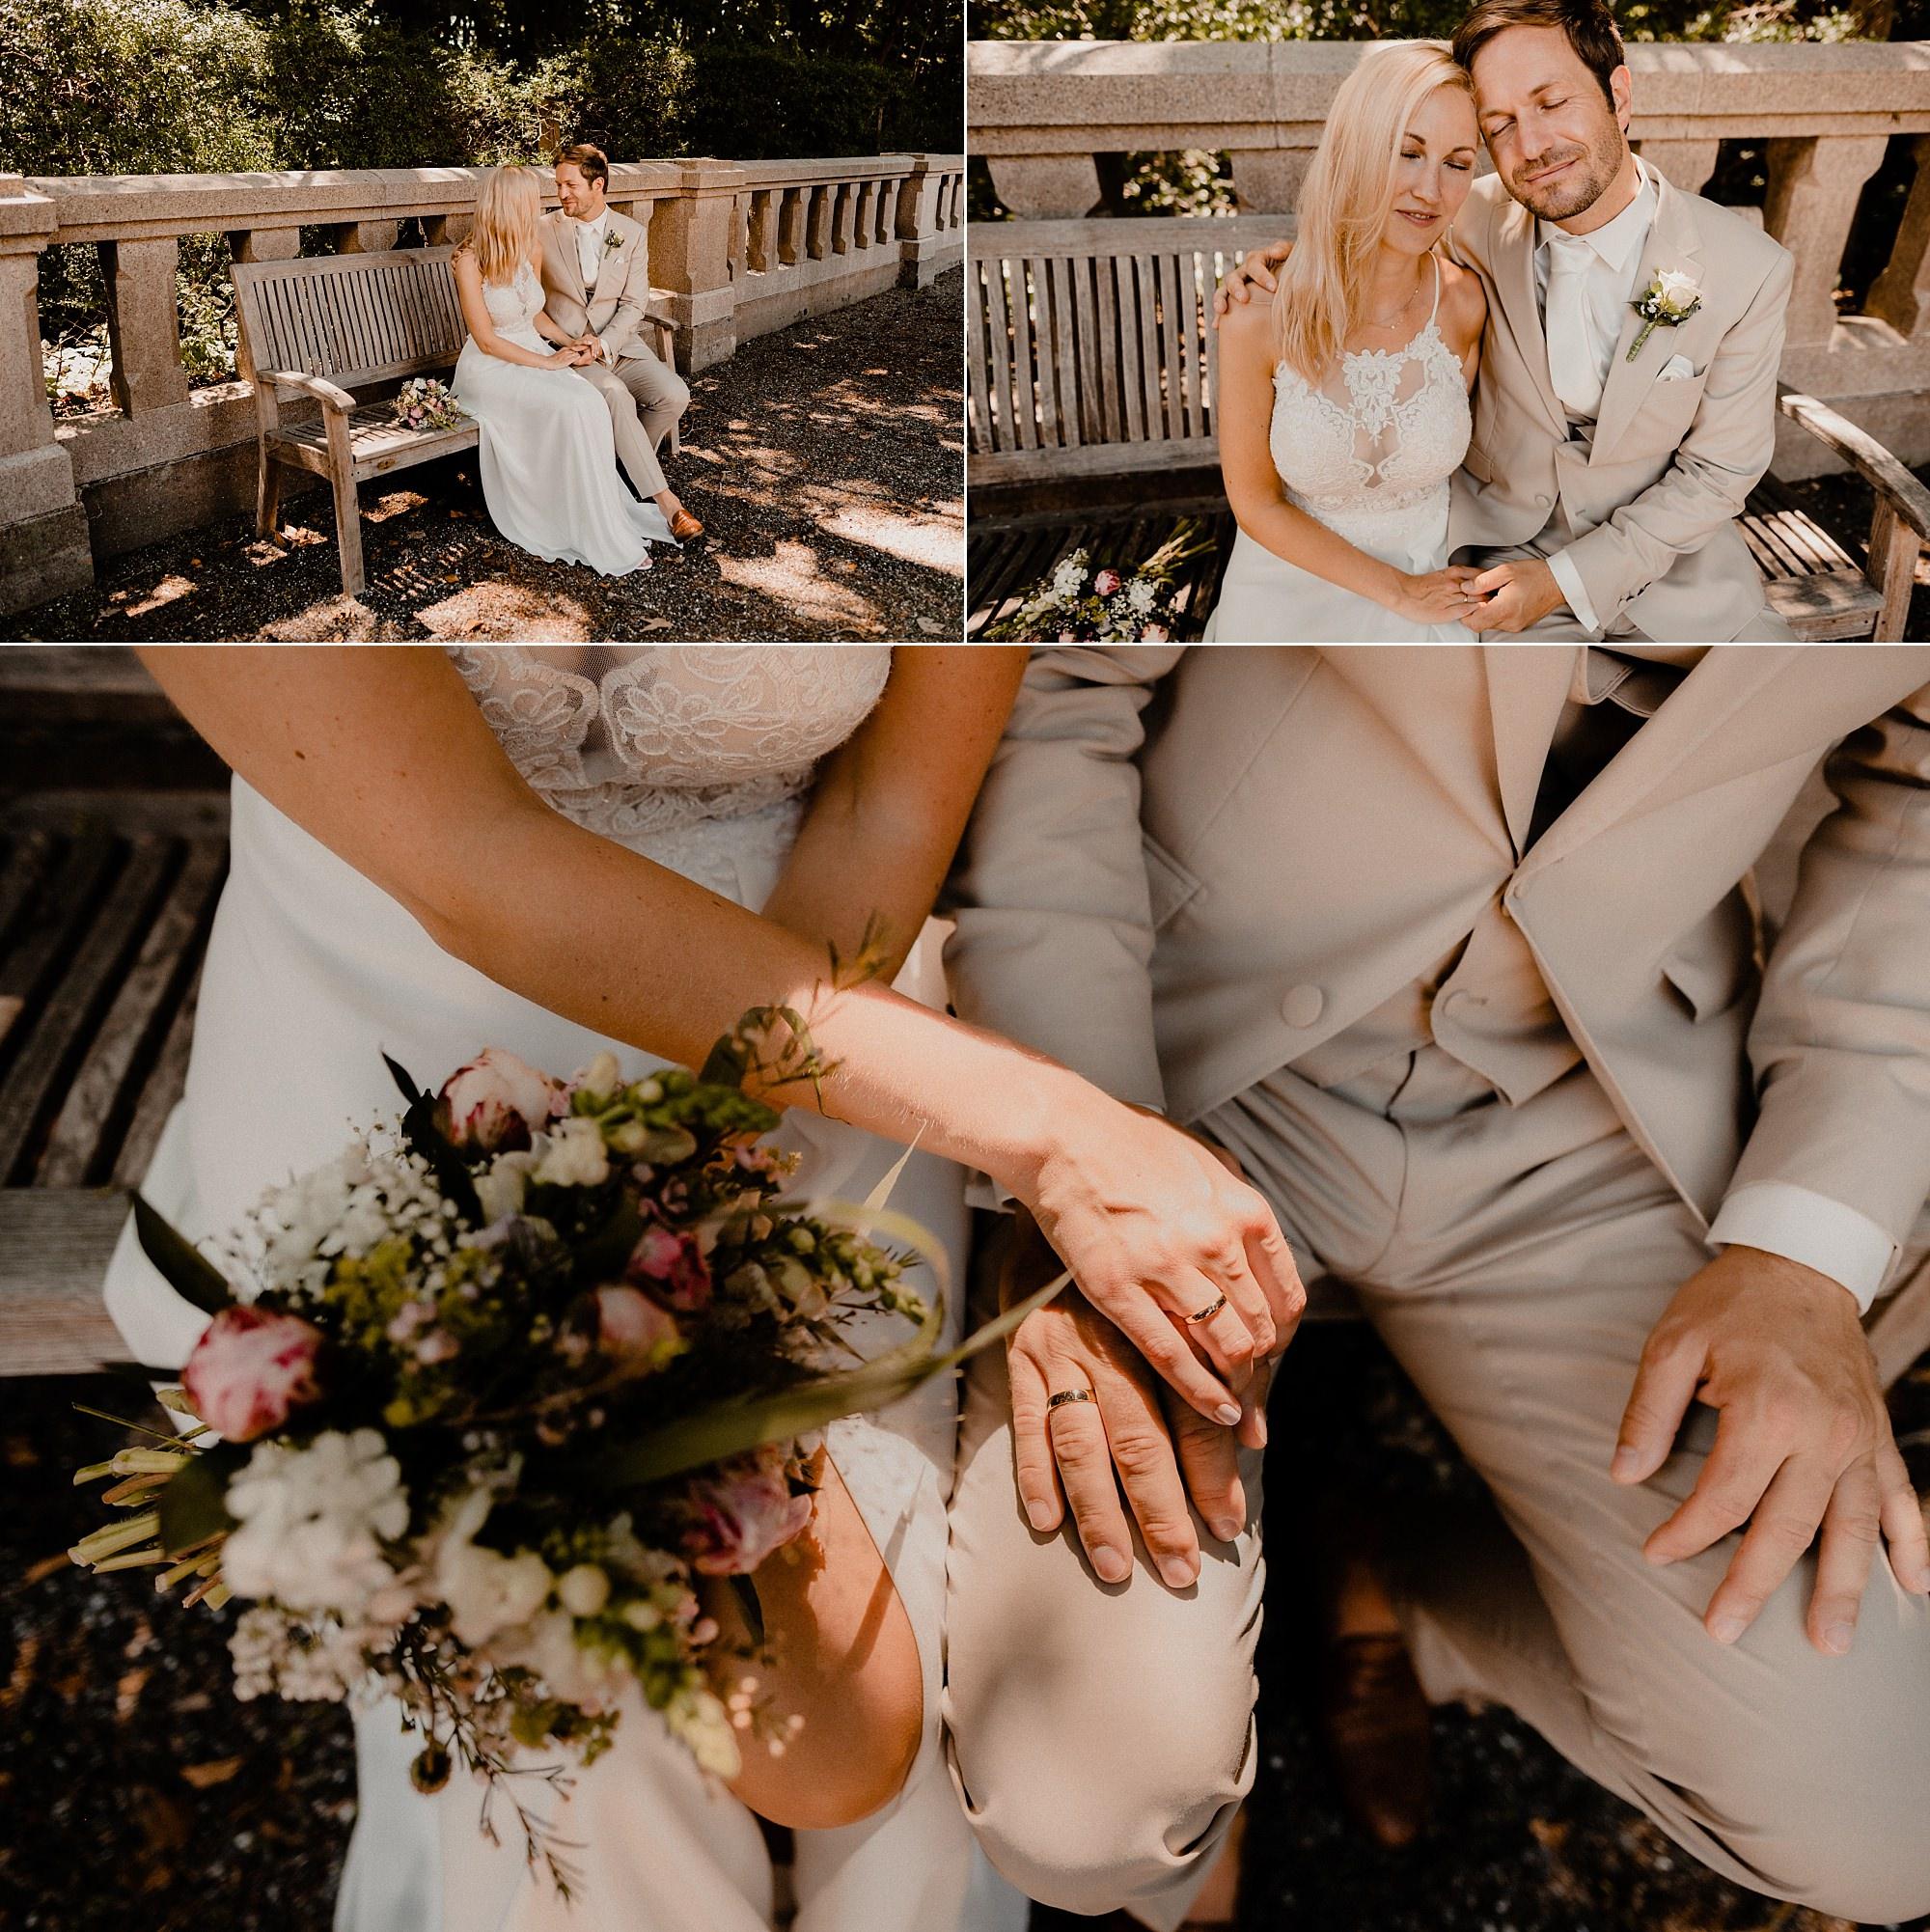 Hochzeitsfotograf Rügen - Trauung Müther Turm Binz - Hochzeitsfotografie Ostsee - Hochzeit zu Zweit - Hochzeitsfotos Ralswiek - Fotograf Rügen - After Wedding Shooting Rügen - After Wedding Ostsee